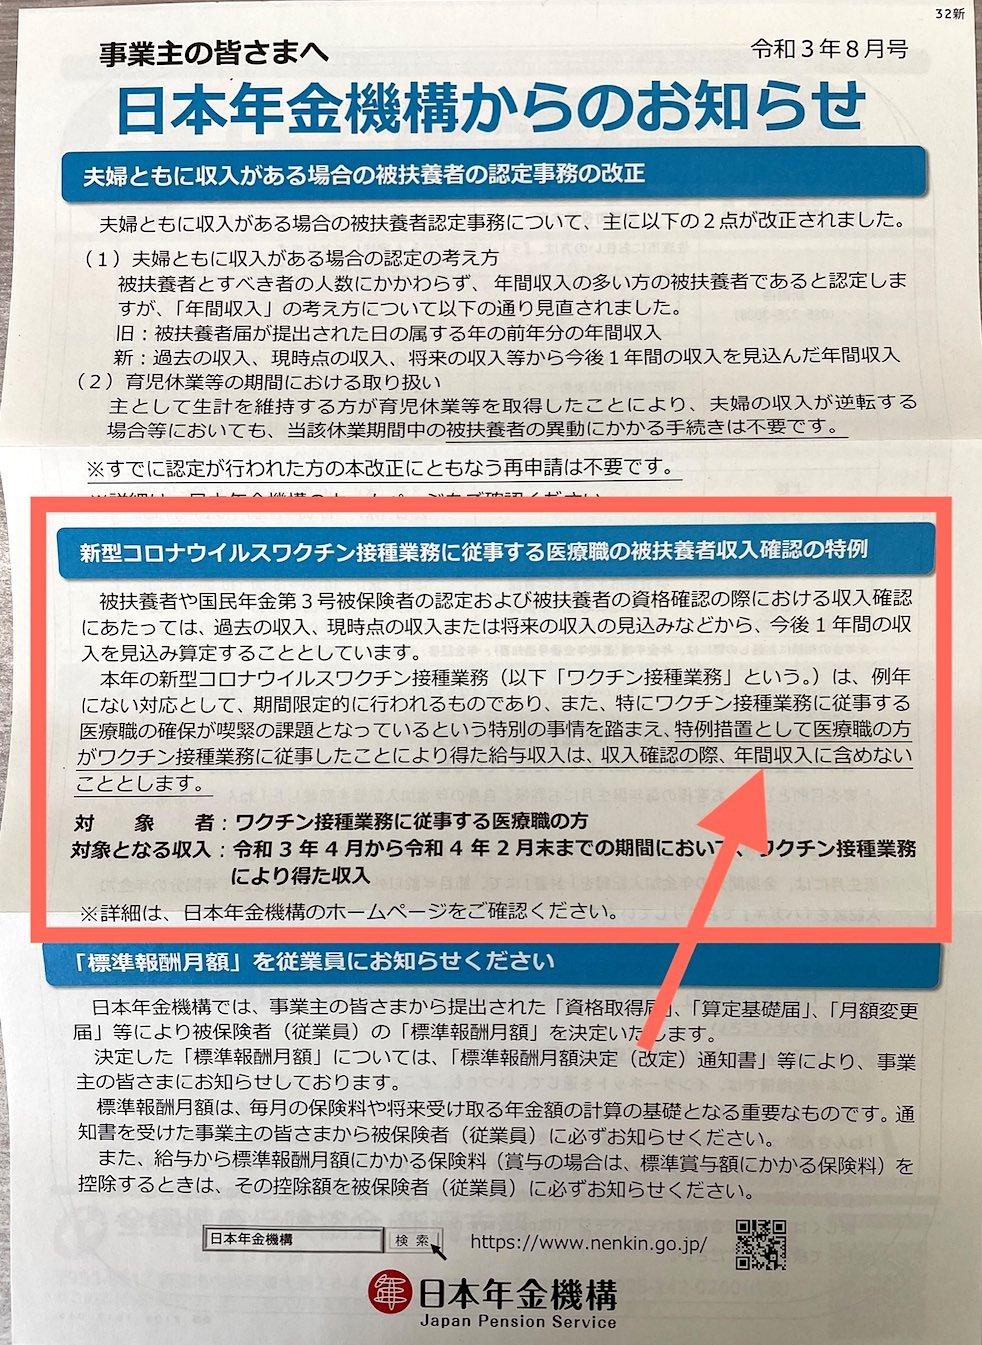 コロナワクチン接種業務は収入に計上しない - 日本年金機構